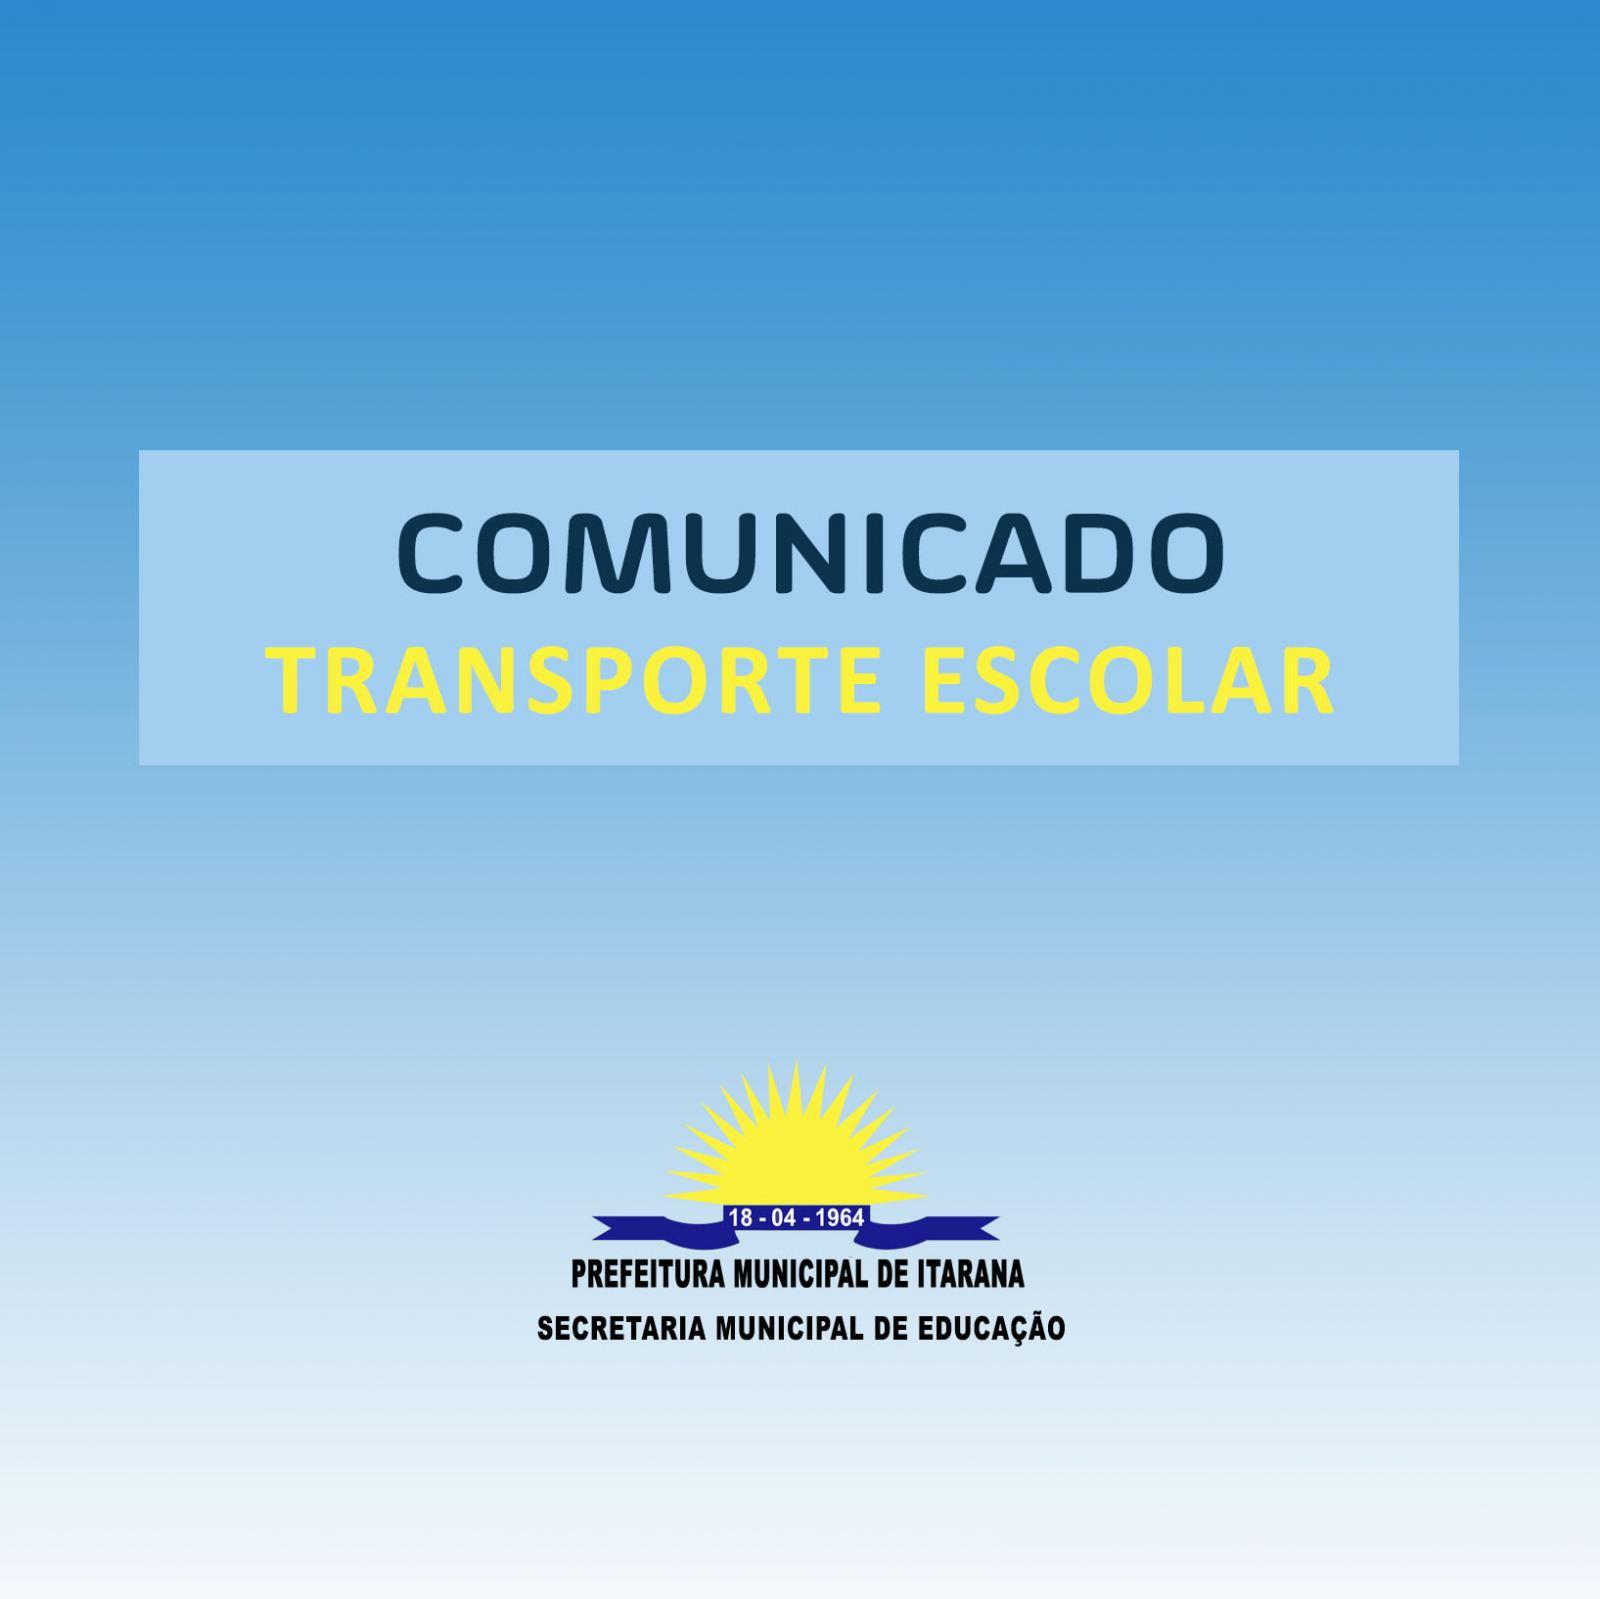 Comunicado - Transporte Escolar Rede Estadual